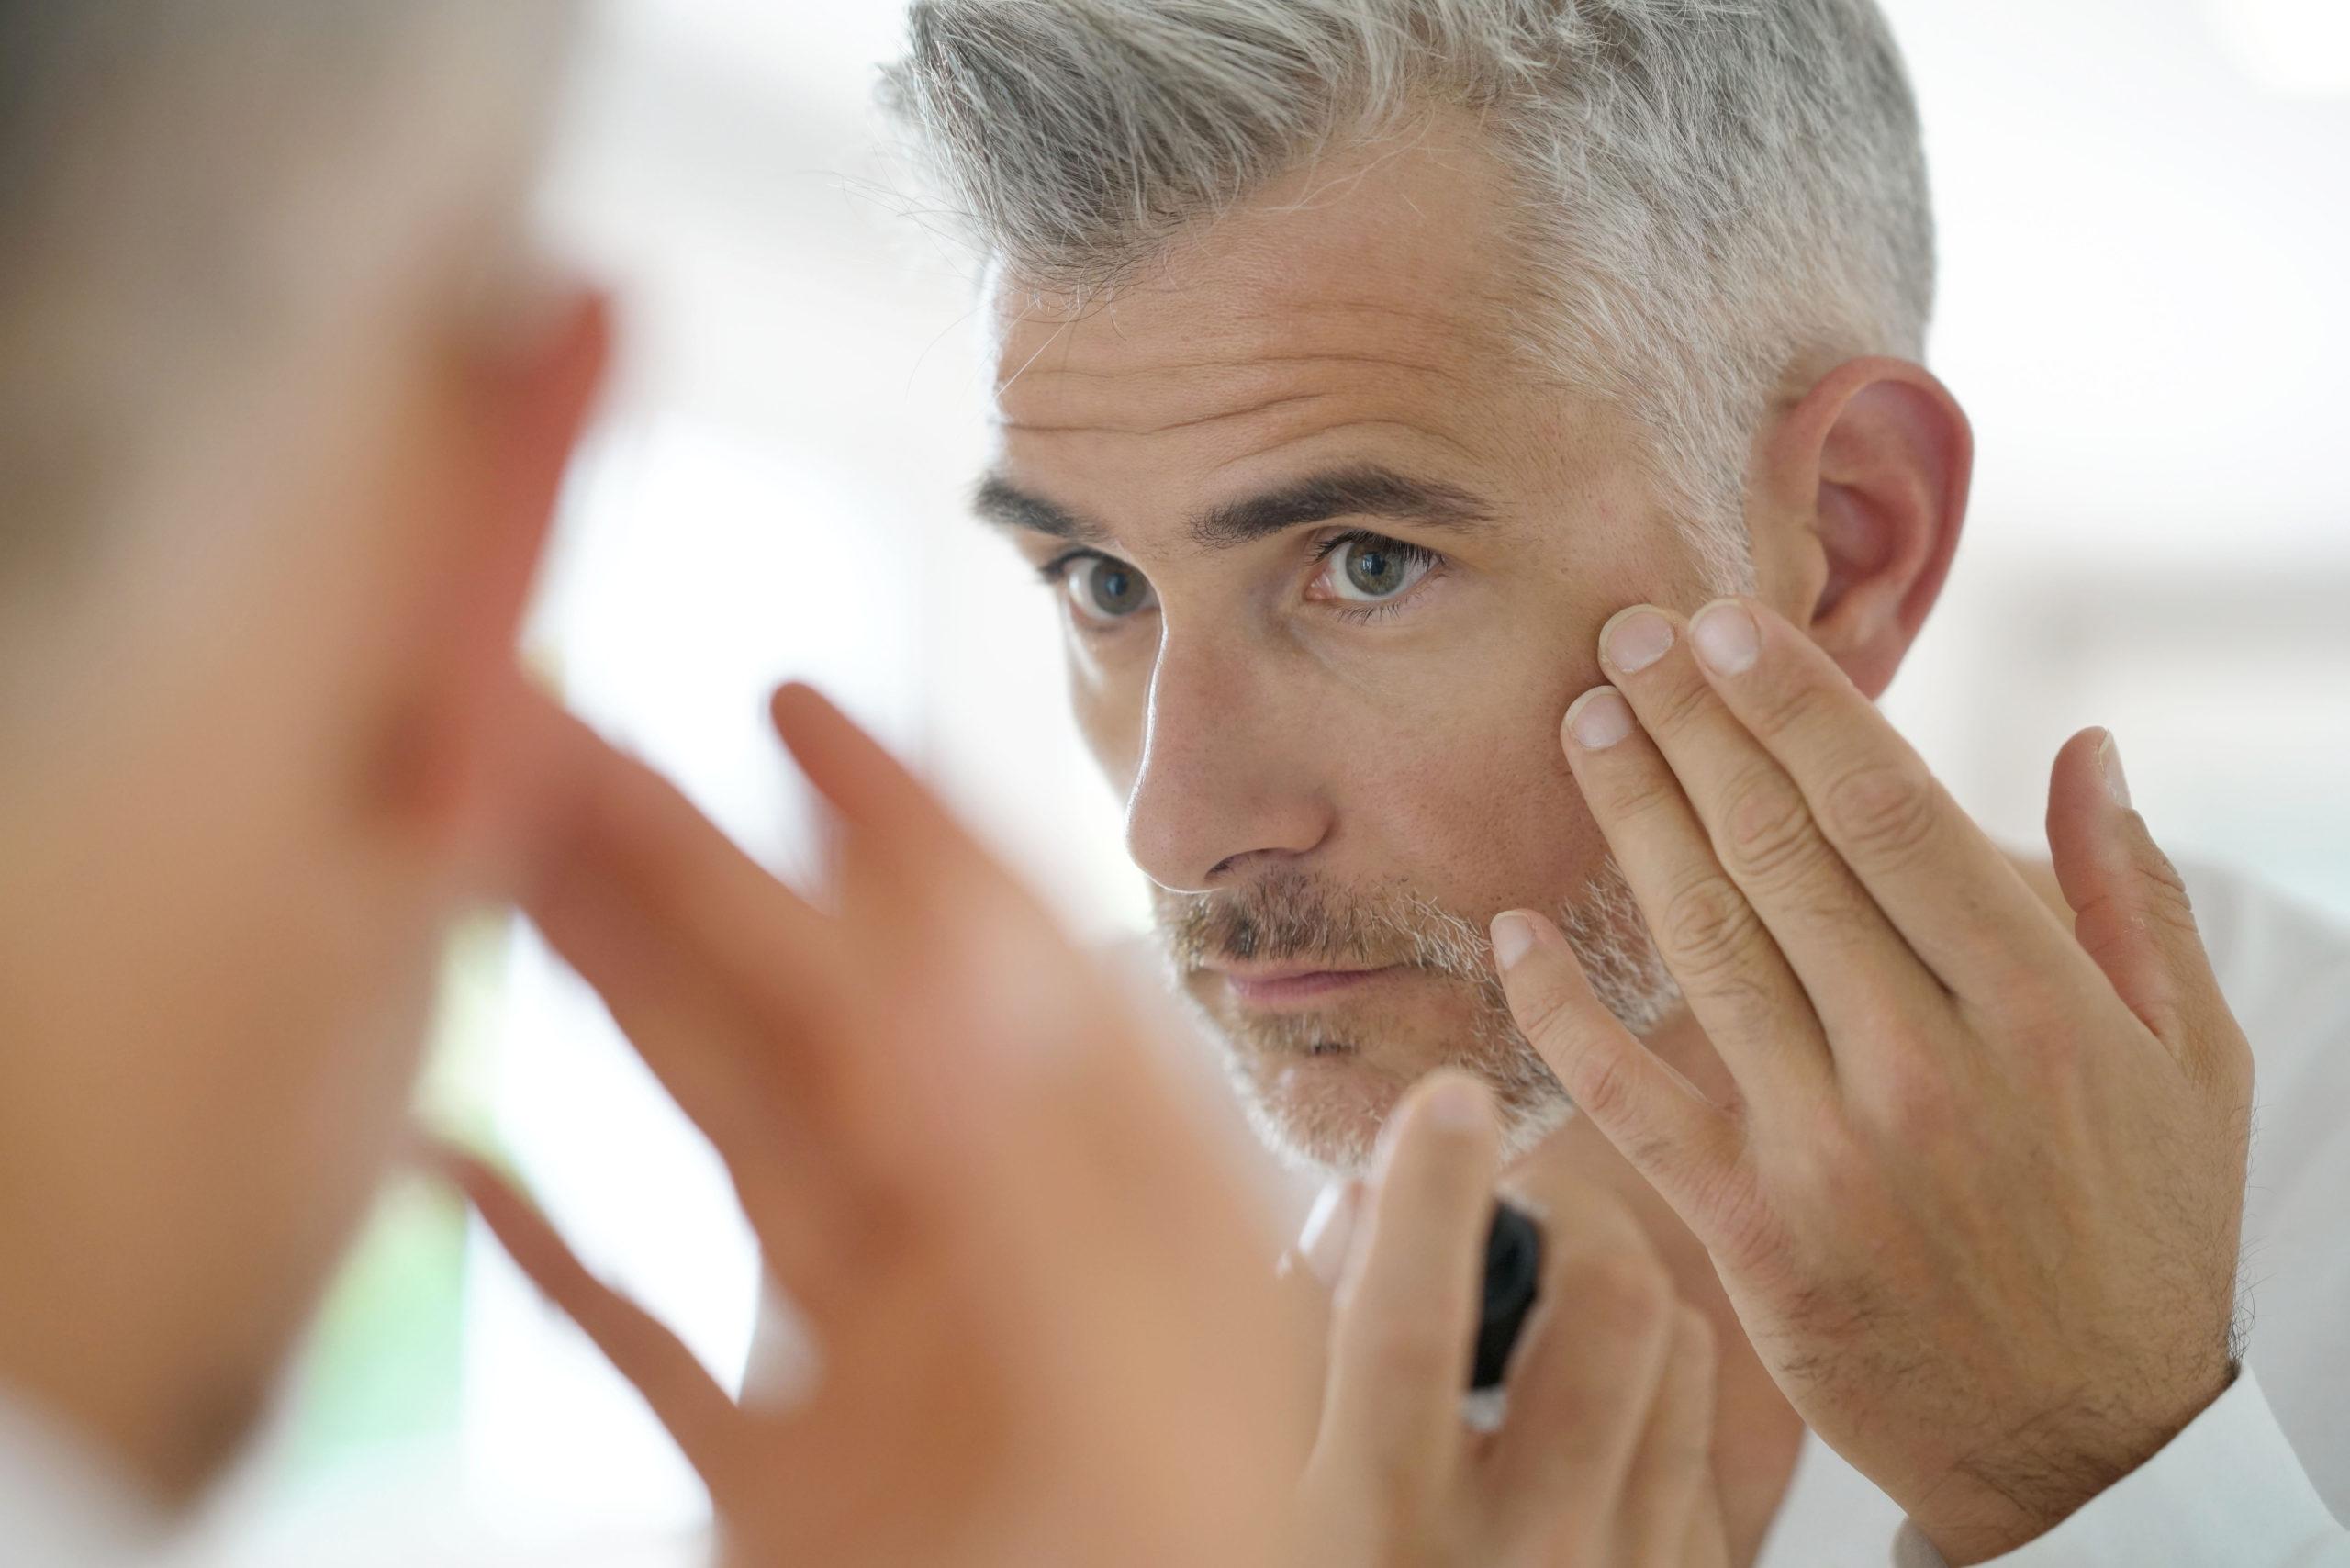 Männer und Kosmetik: der Beginn einer großen Liebe?